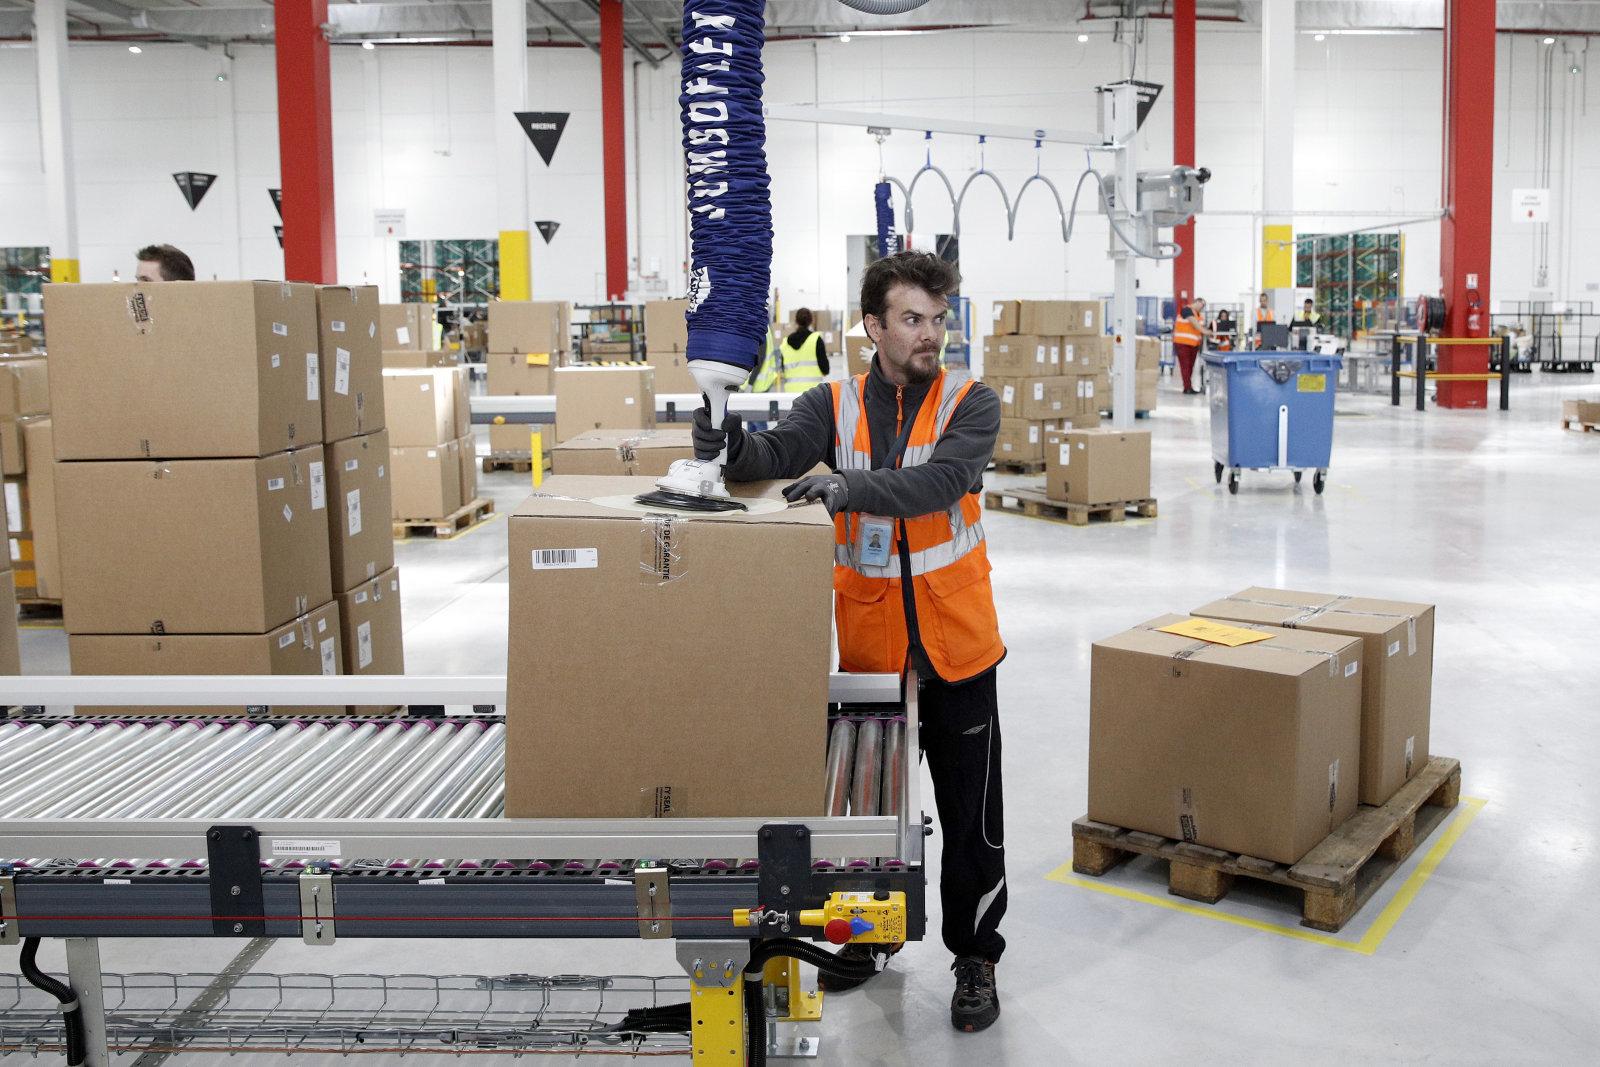 أمازون في صدد التقليل من الأيدي العاملة بالإعتماد على الآلات في تغليف طرود البضائع